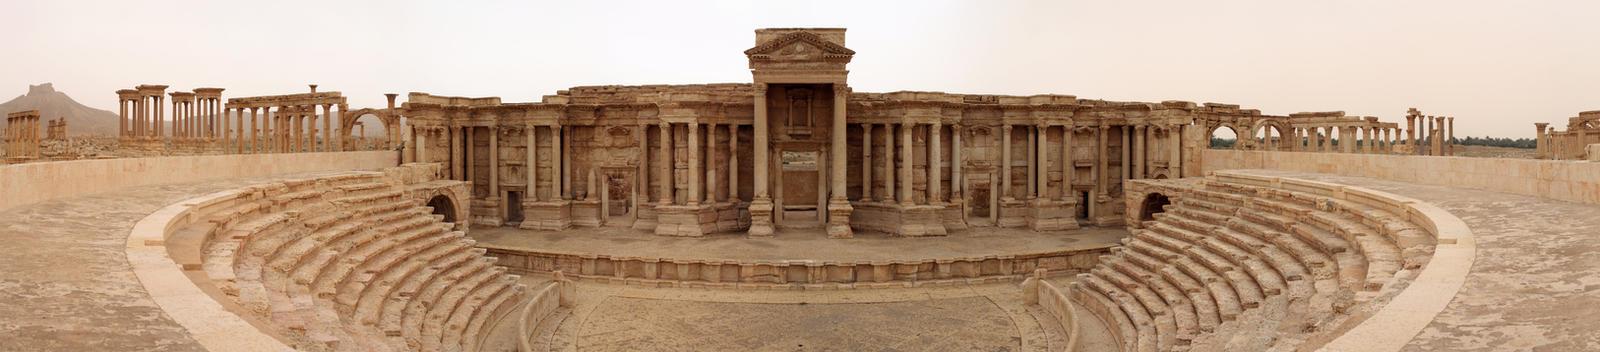 Palmyra theatre by Eusebius-fr